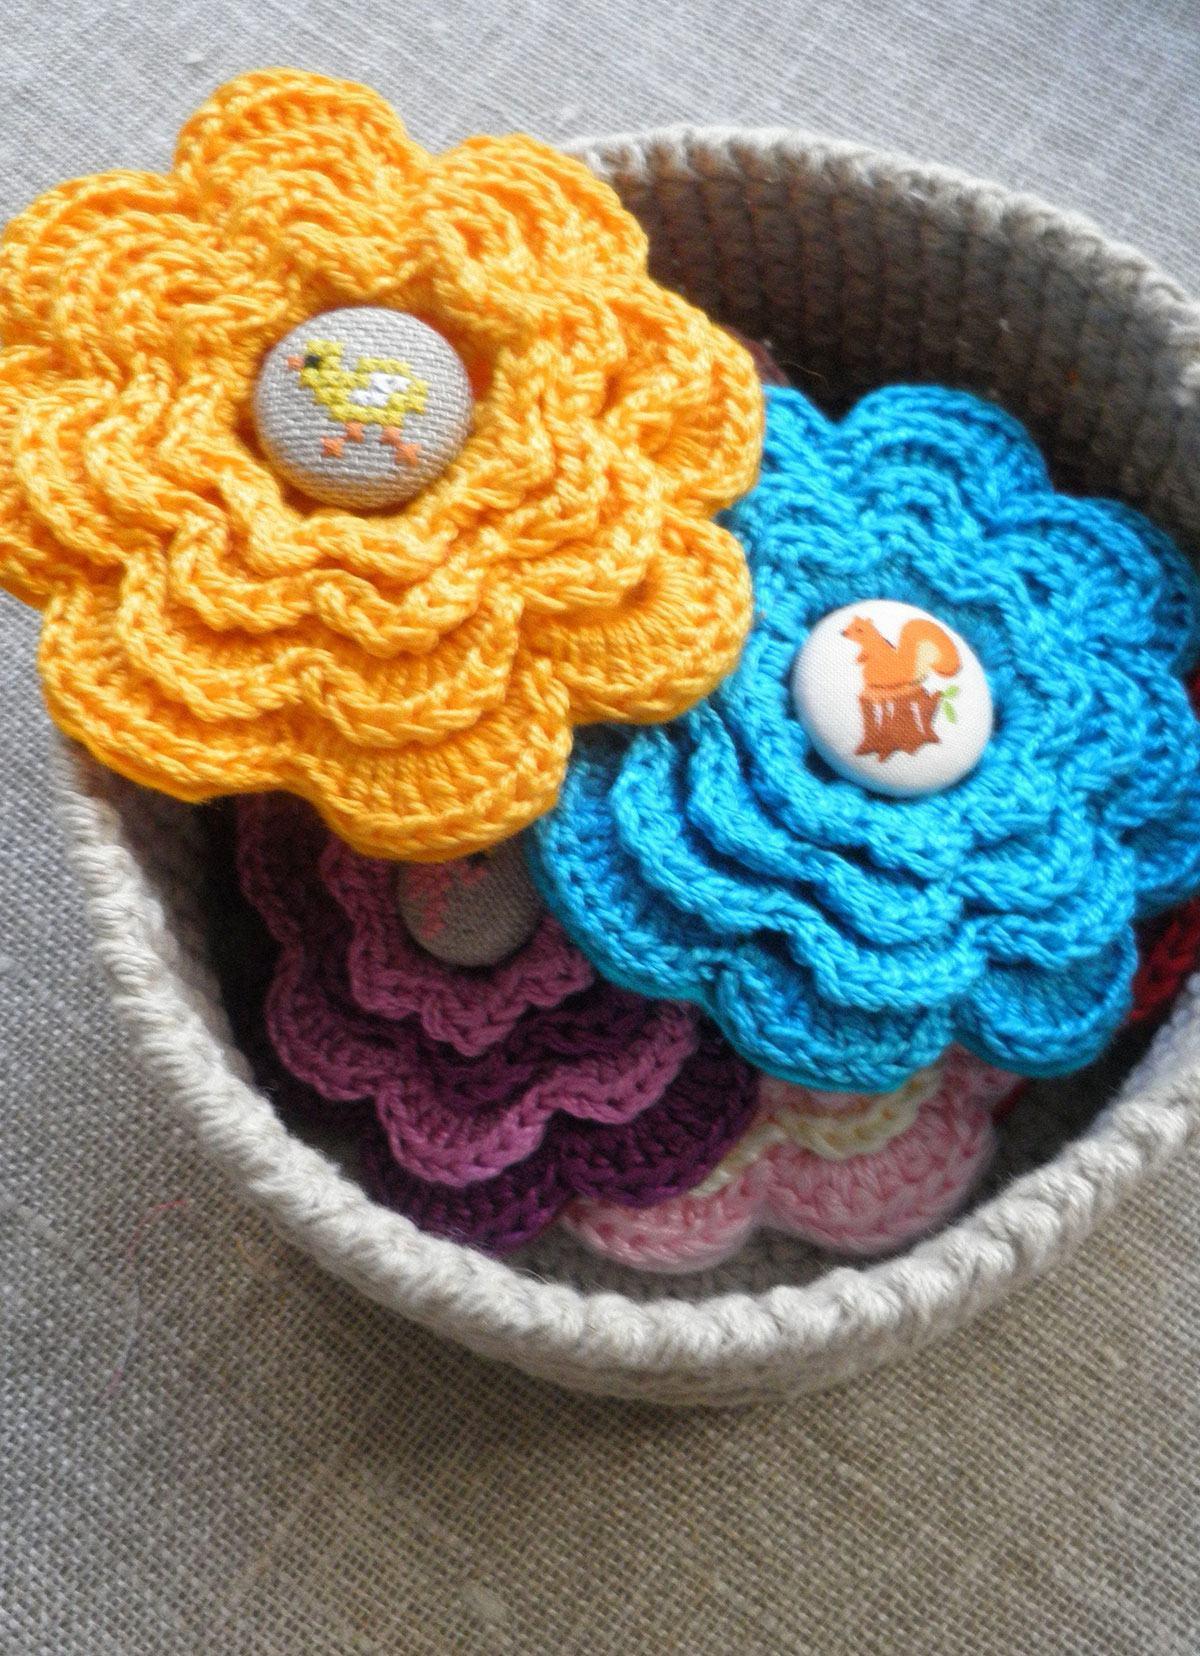 Inove utilizando o botão de tecido na flor de crochê